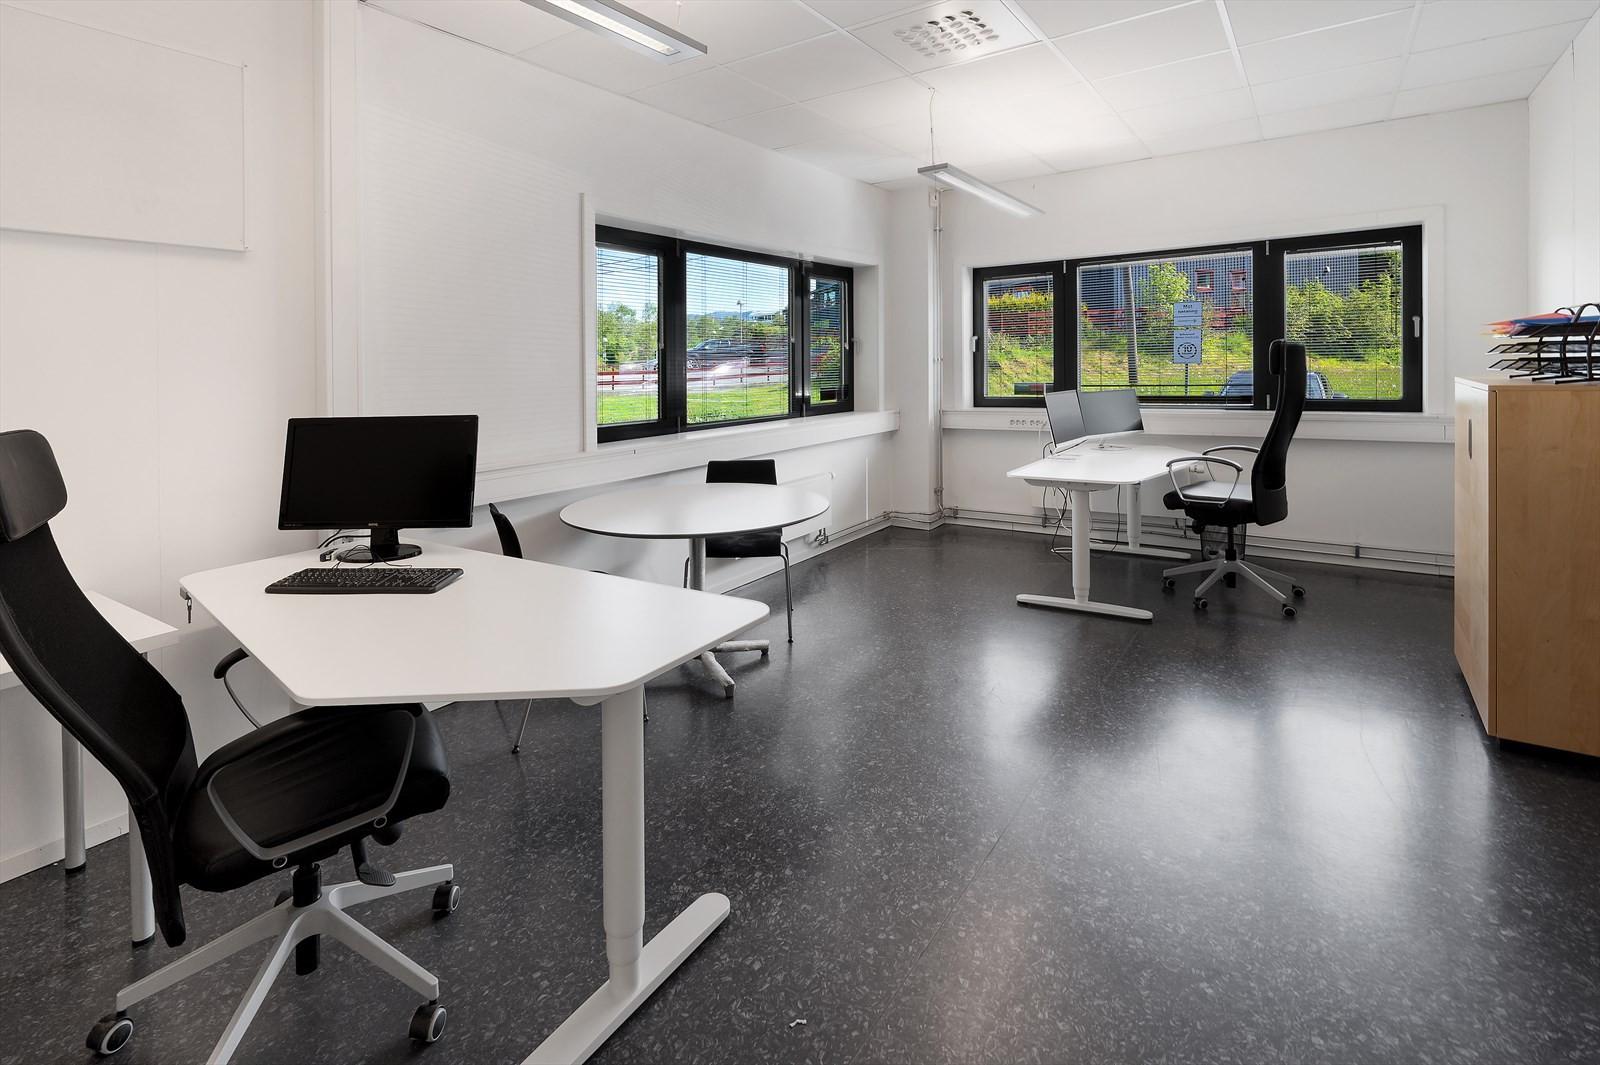 Åpent kontorlandskap i hjørnet av lokalet.